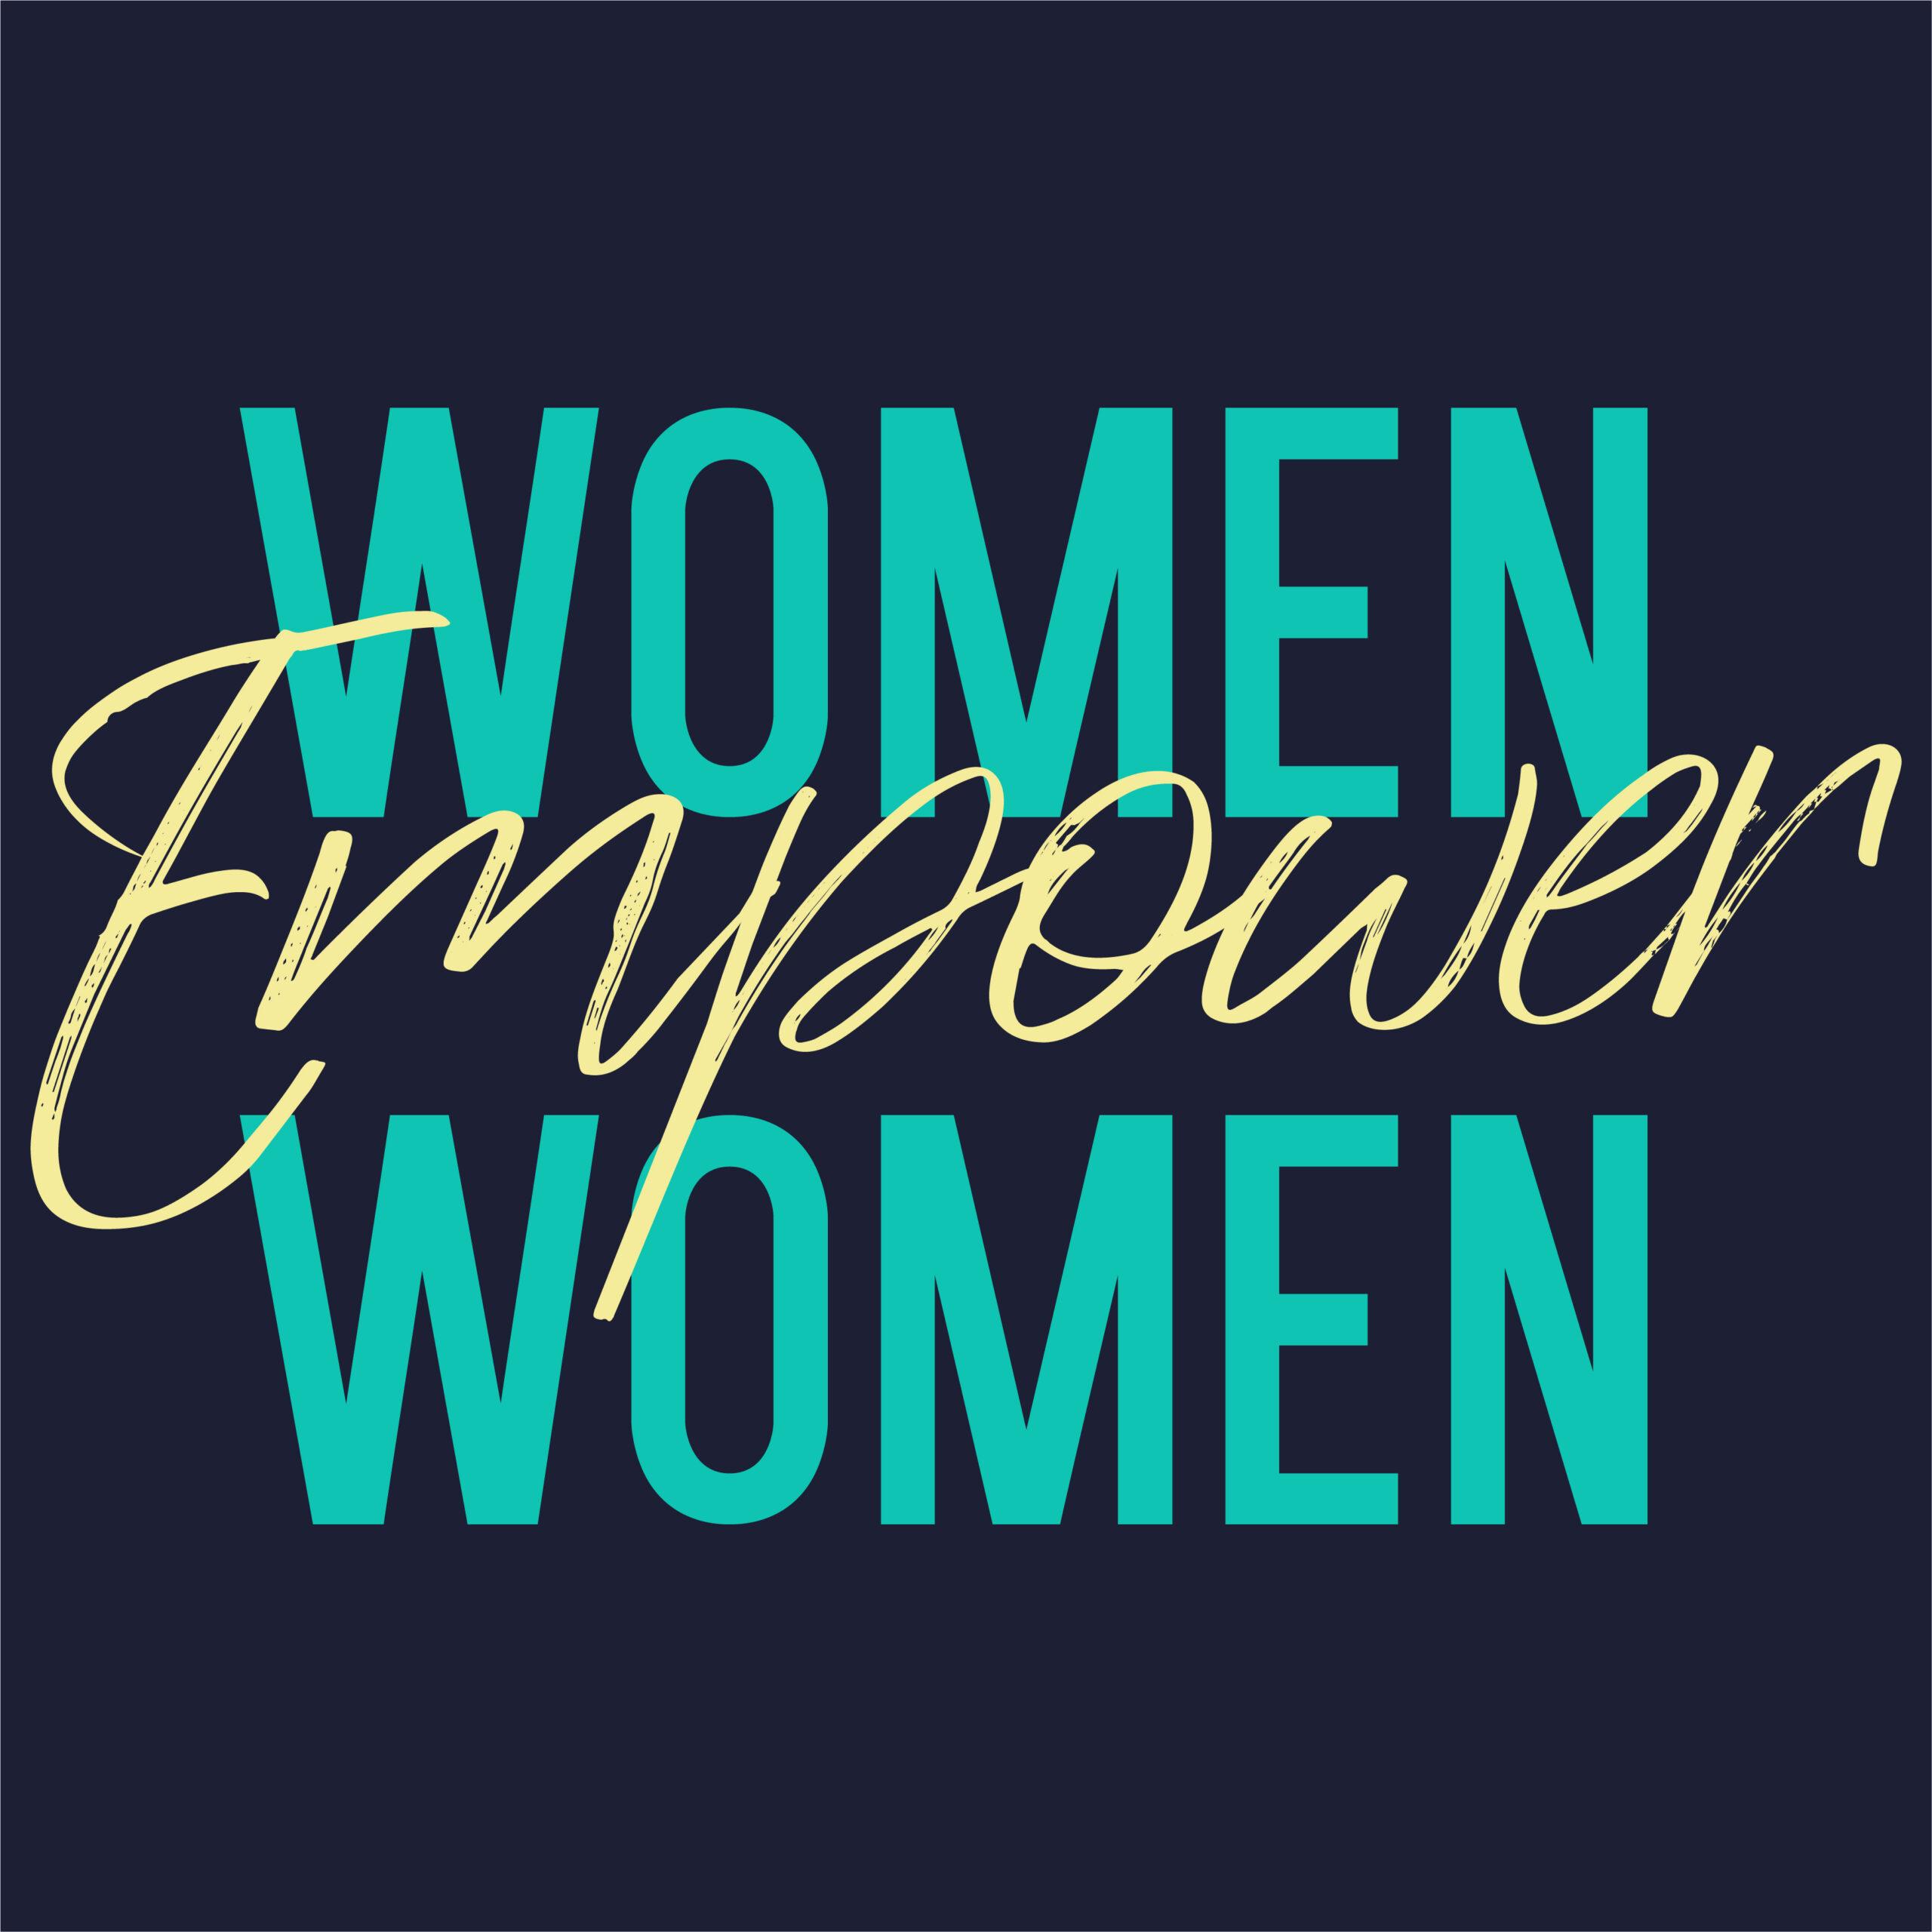 Women Empower Women Slogan for Tshirt Graphic Vector Print